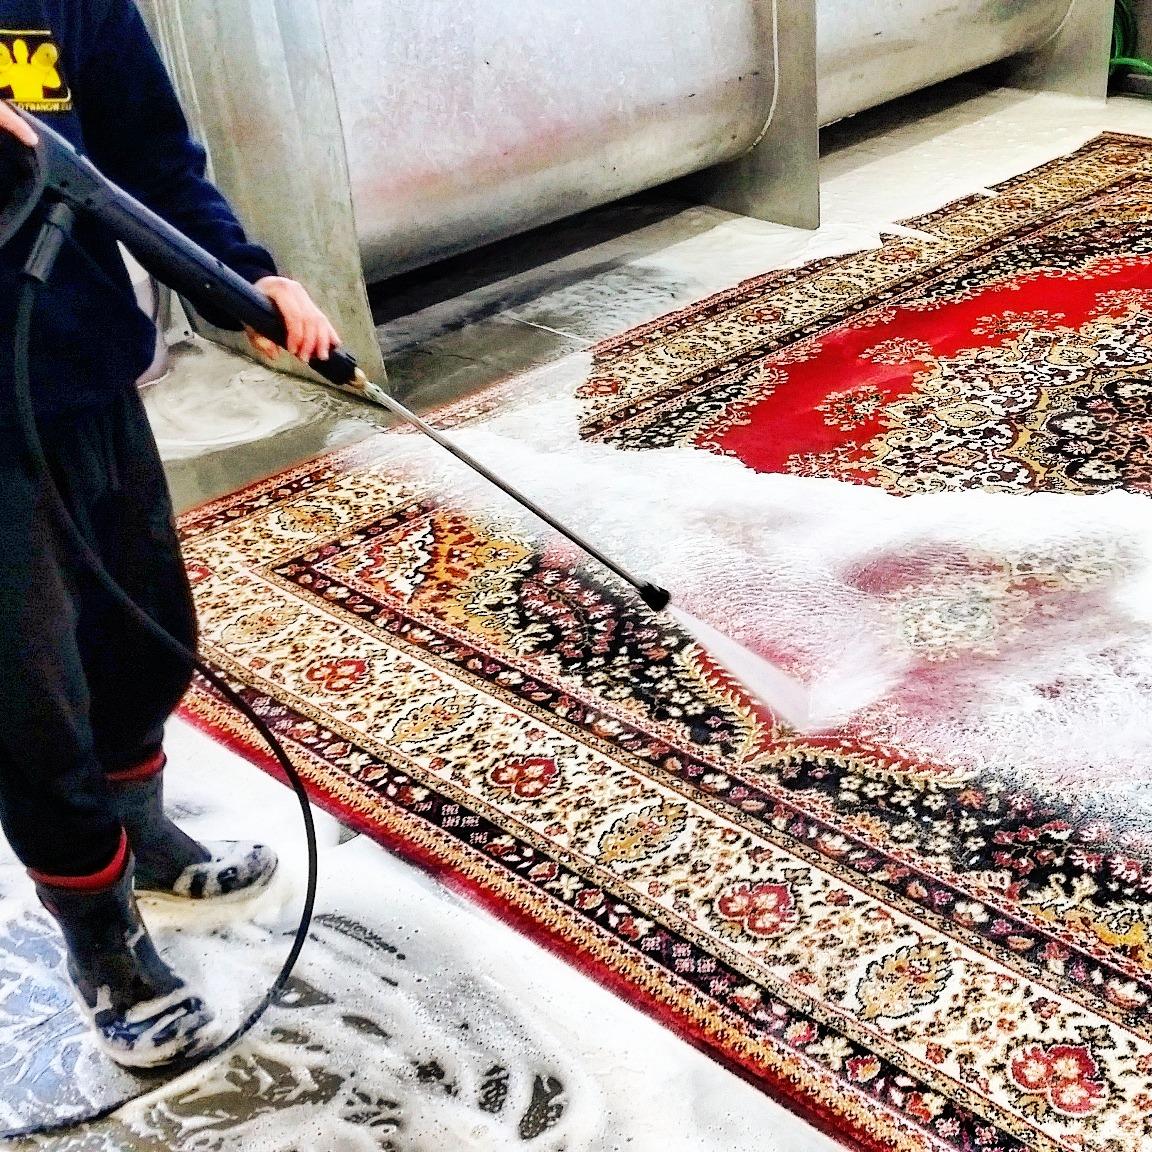 płukanie dywanu wysokim strumieniem